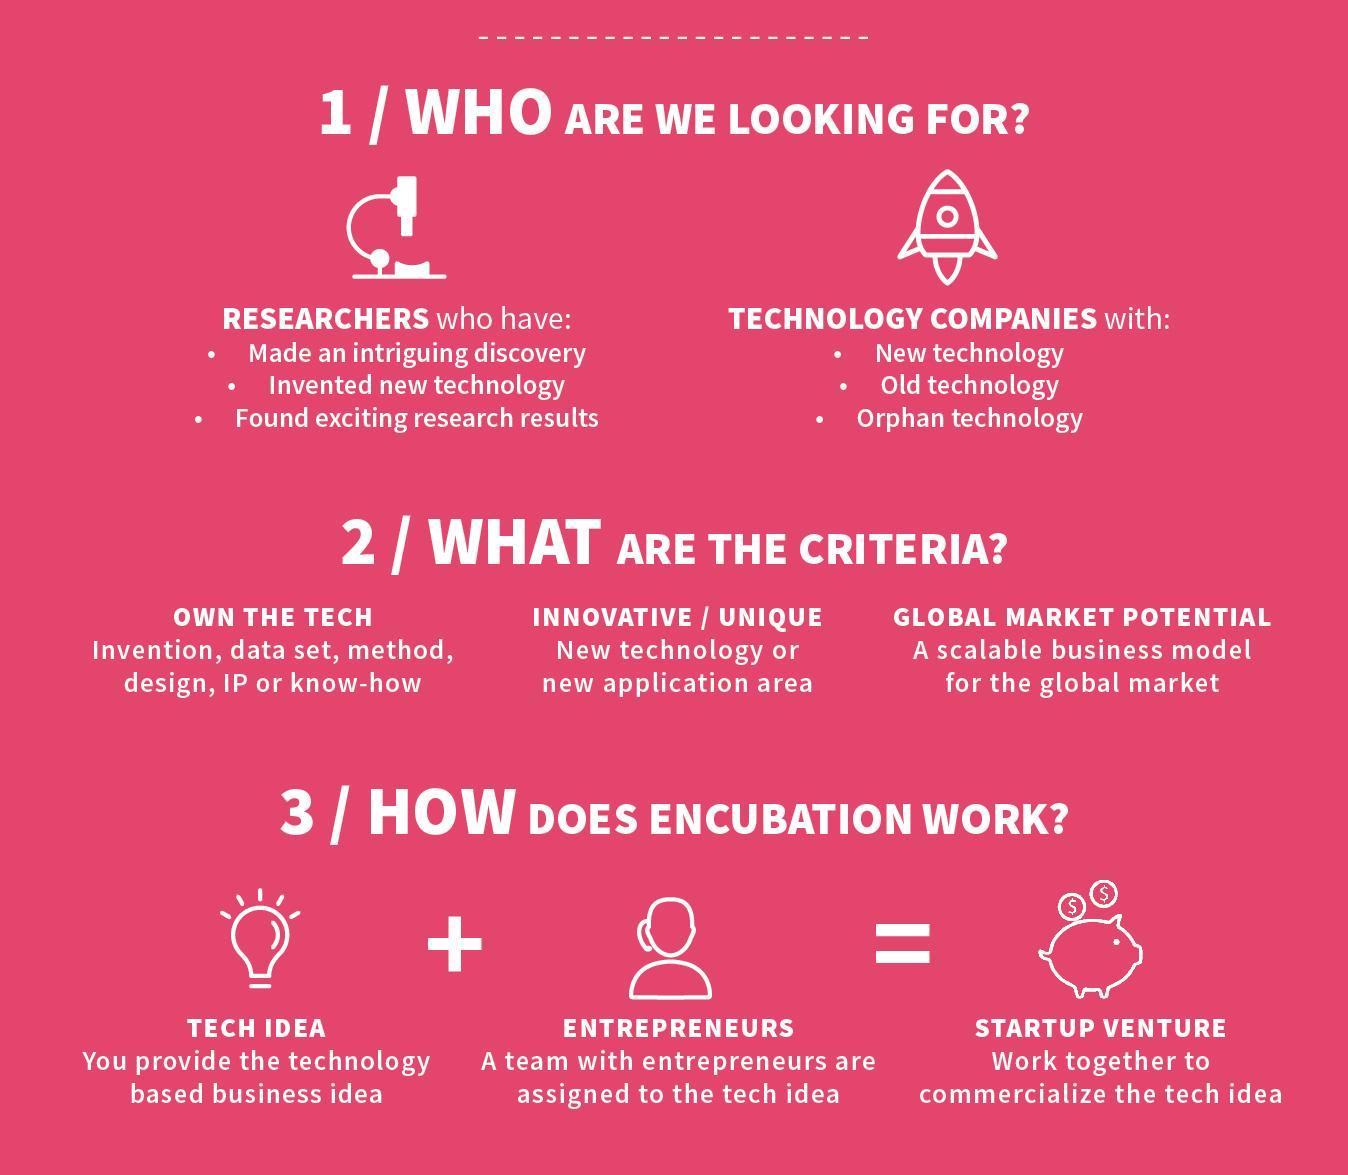 Encubation tech Chalmers Ventures